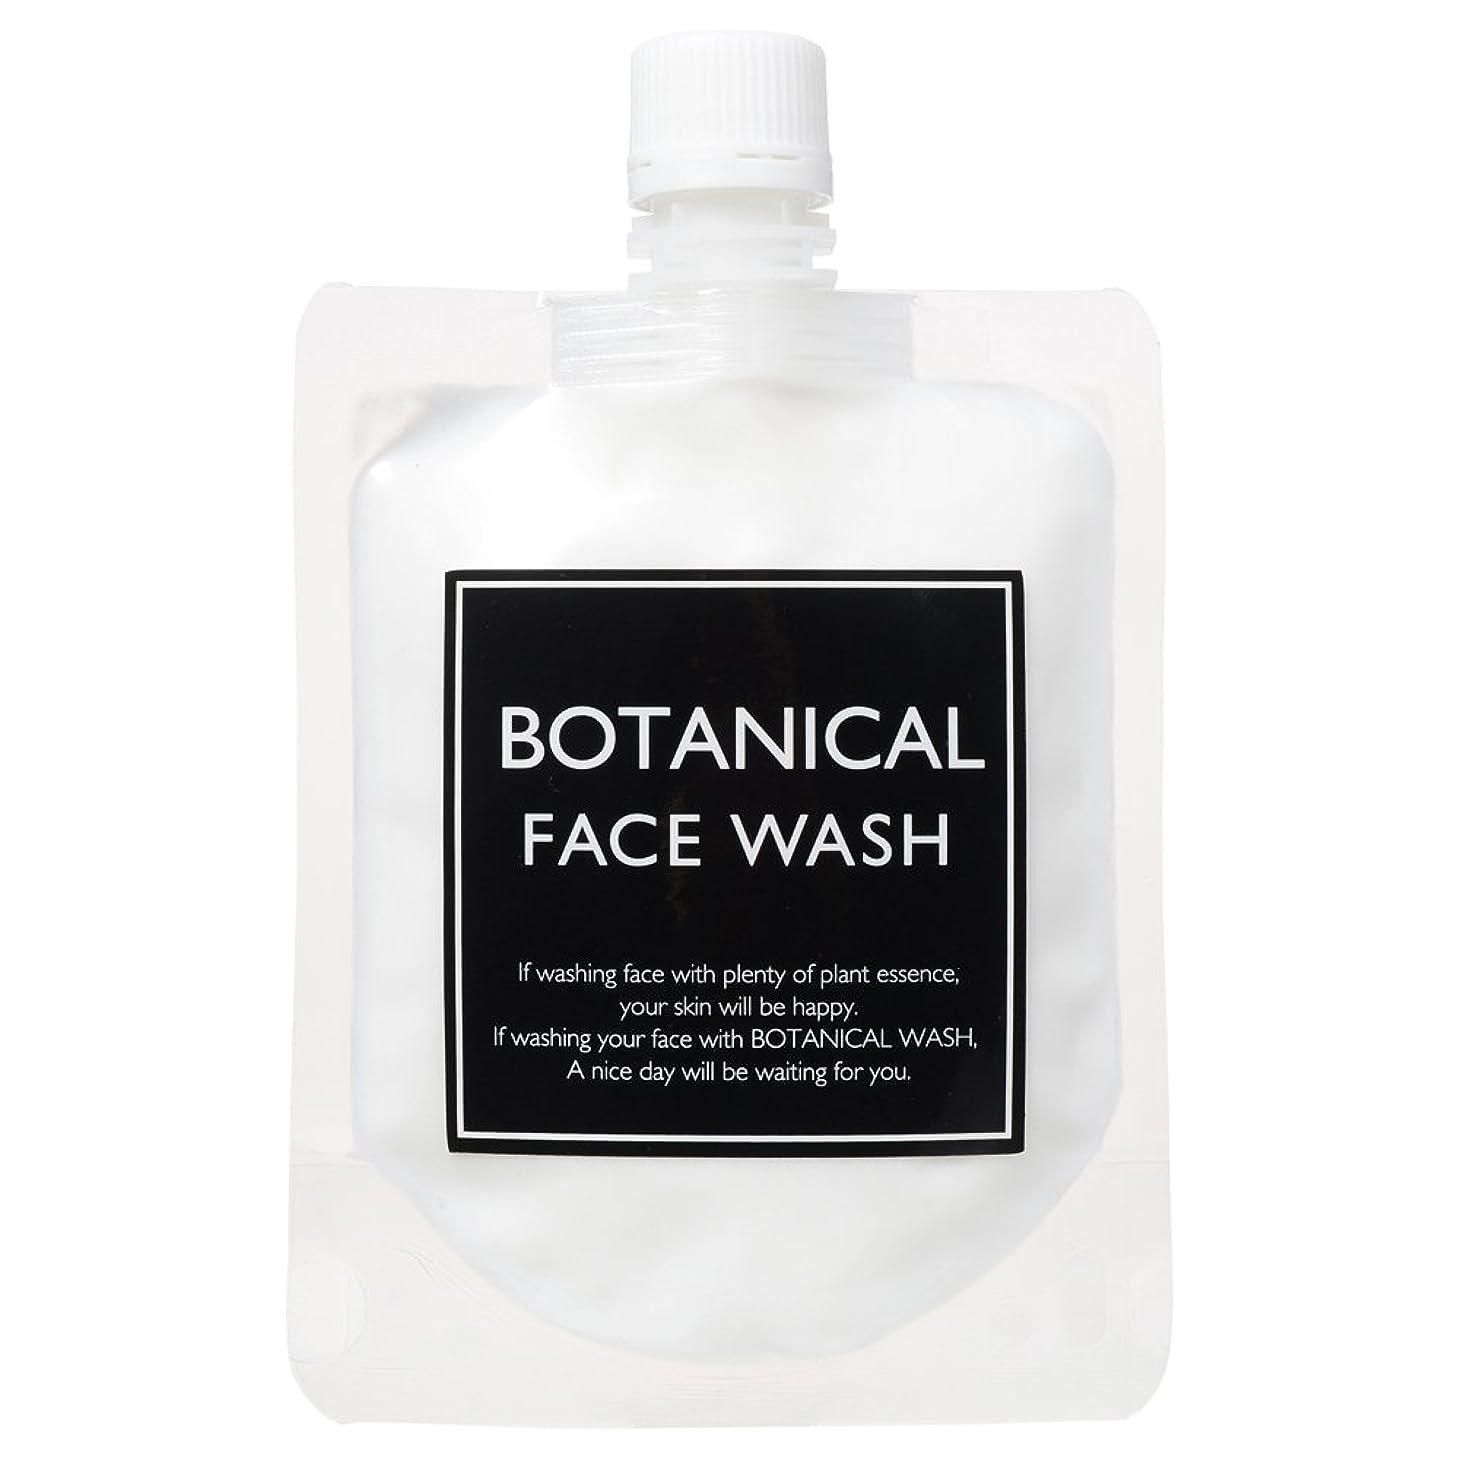 守銭奴支店対話【BOTANICAL FACE WASH】 ボタニカル フェイスウォッシュ 150g 泡洗顔